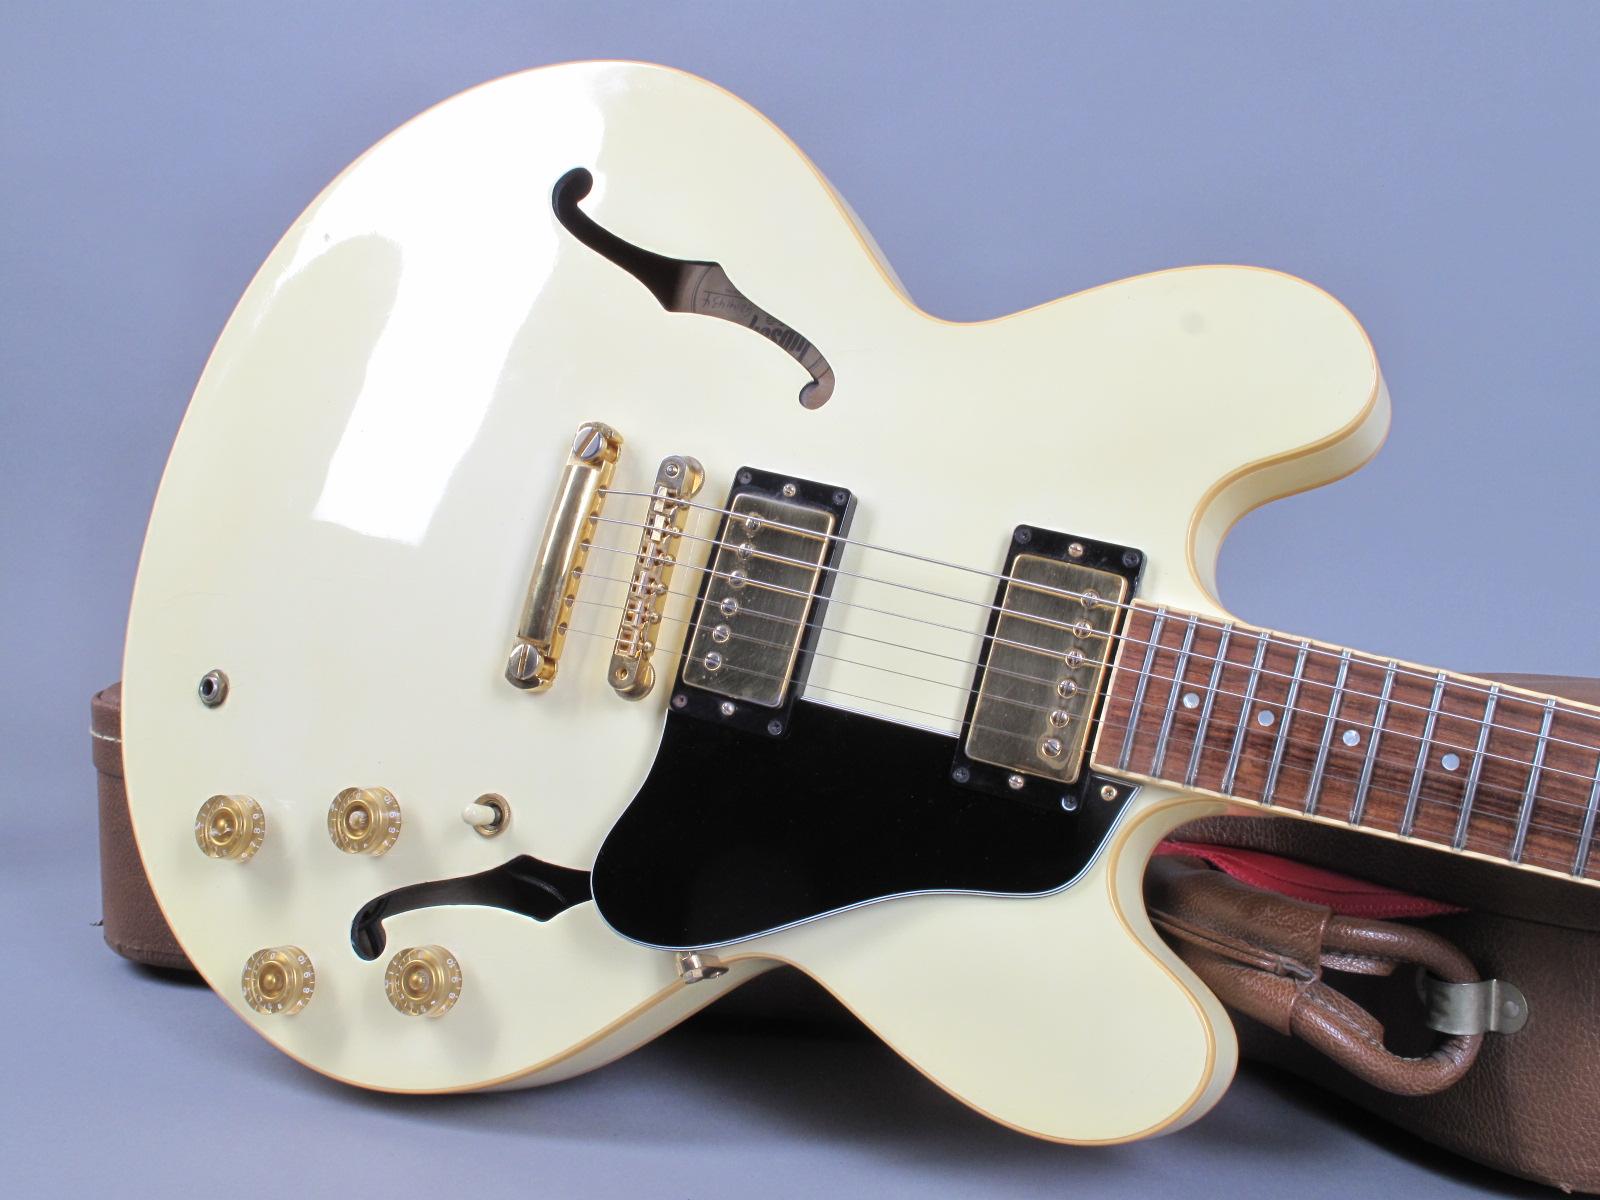 https://guitarpoint.de/app/uploads/products/1991-gibson-es-335-td-white/1991-Gibson-ES-335-TD-White-92141434_10.jpg